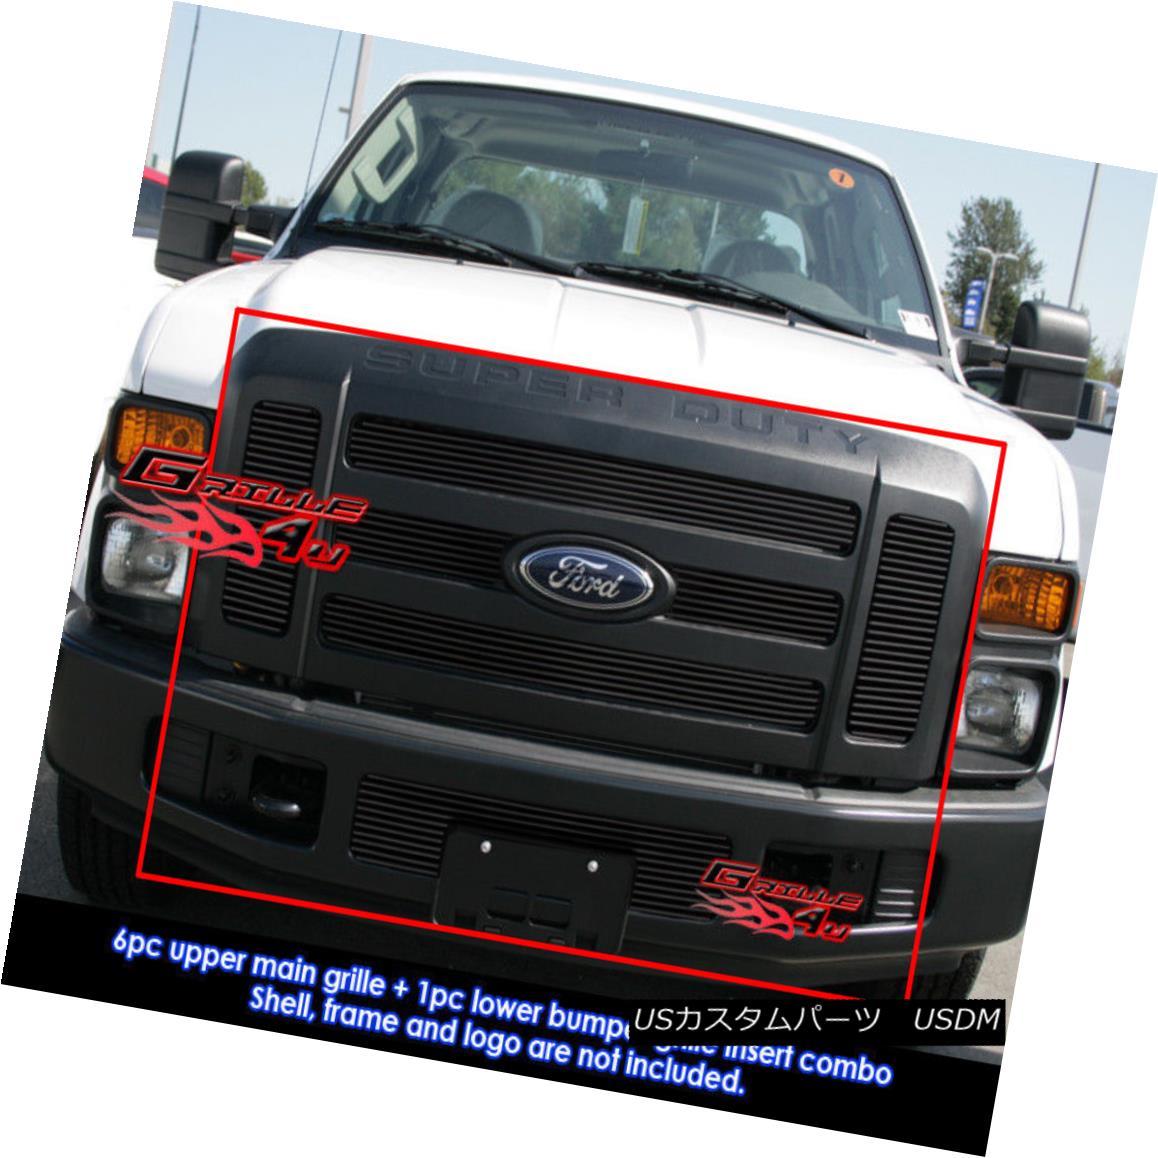 グリル For 08-10 Ford F250/F350 SD Black Billet Grille Combo 08-10フォードF250 / F350 SDブラックビレットグリルコンボ用